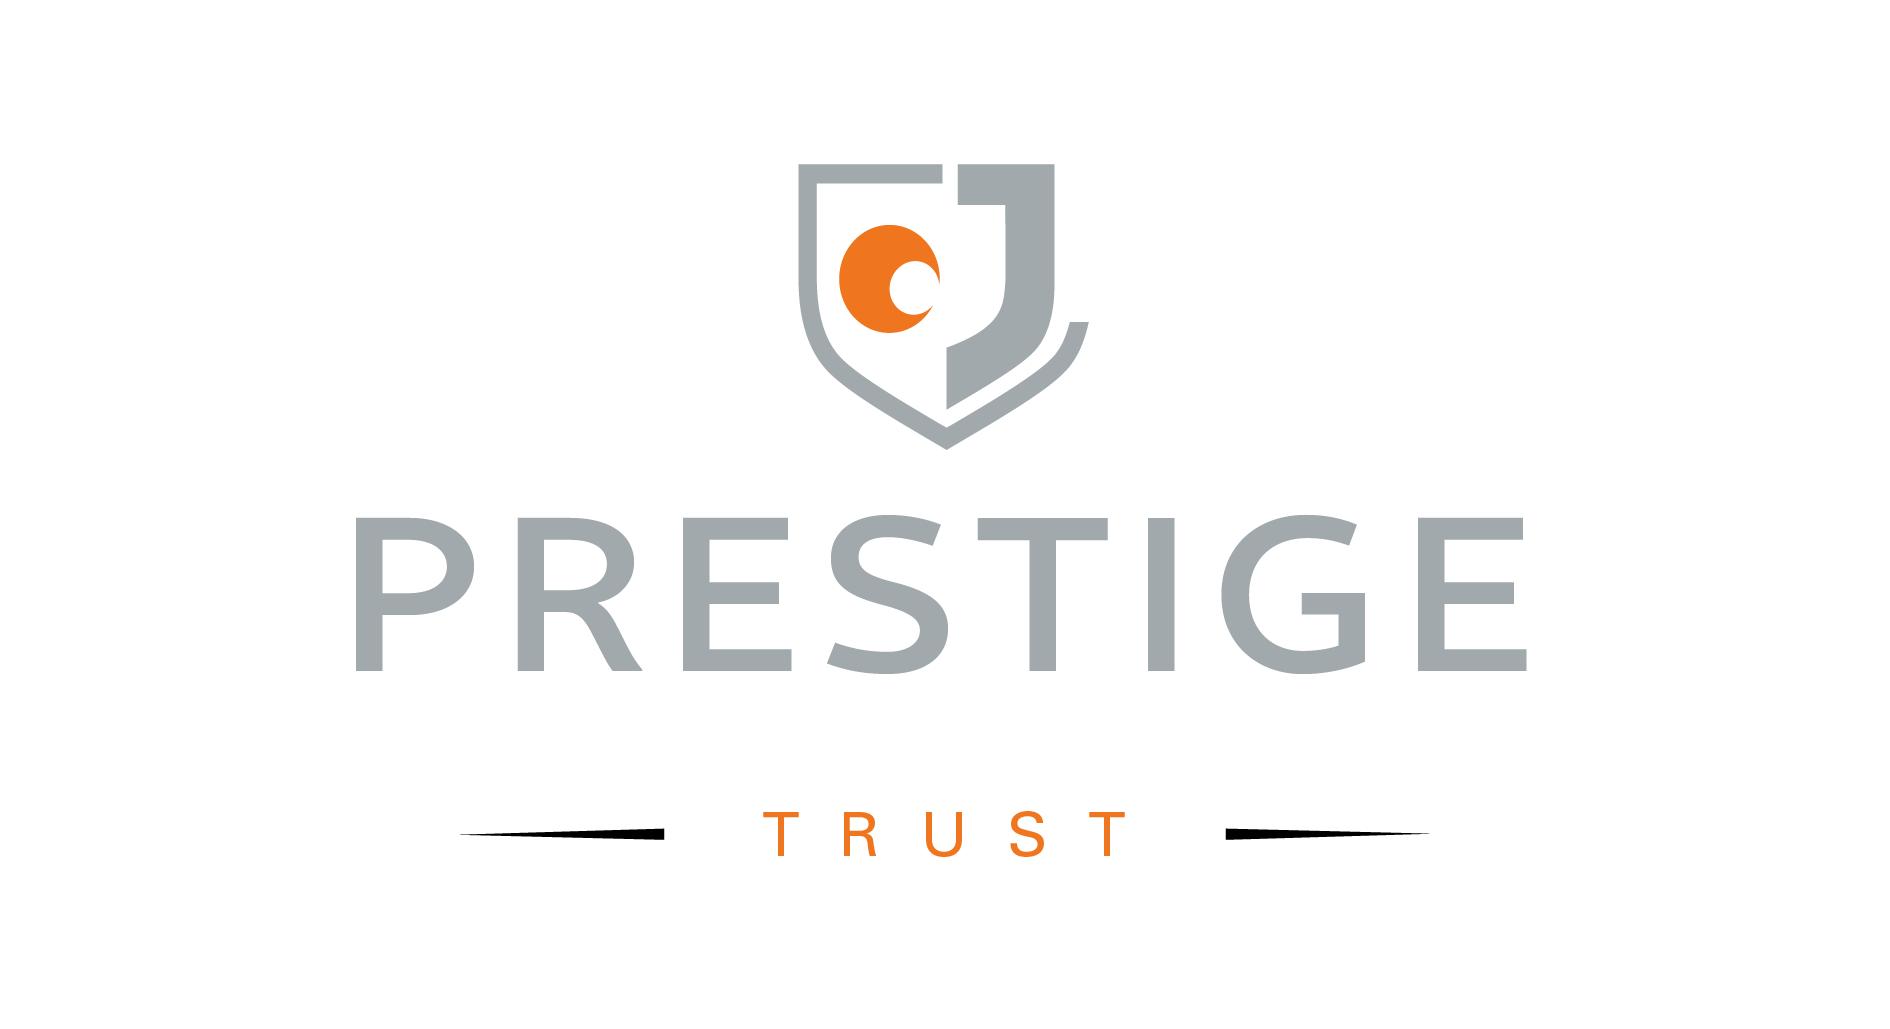 wagner.li   Prestige Trust wagner.li